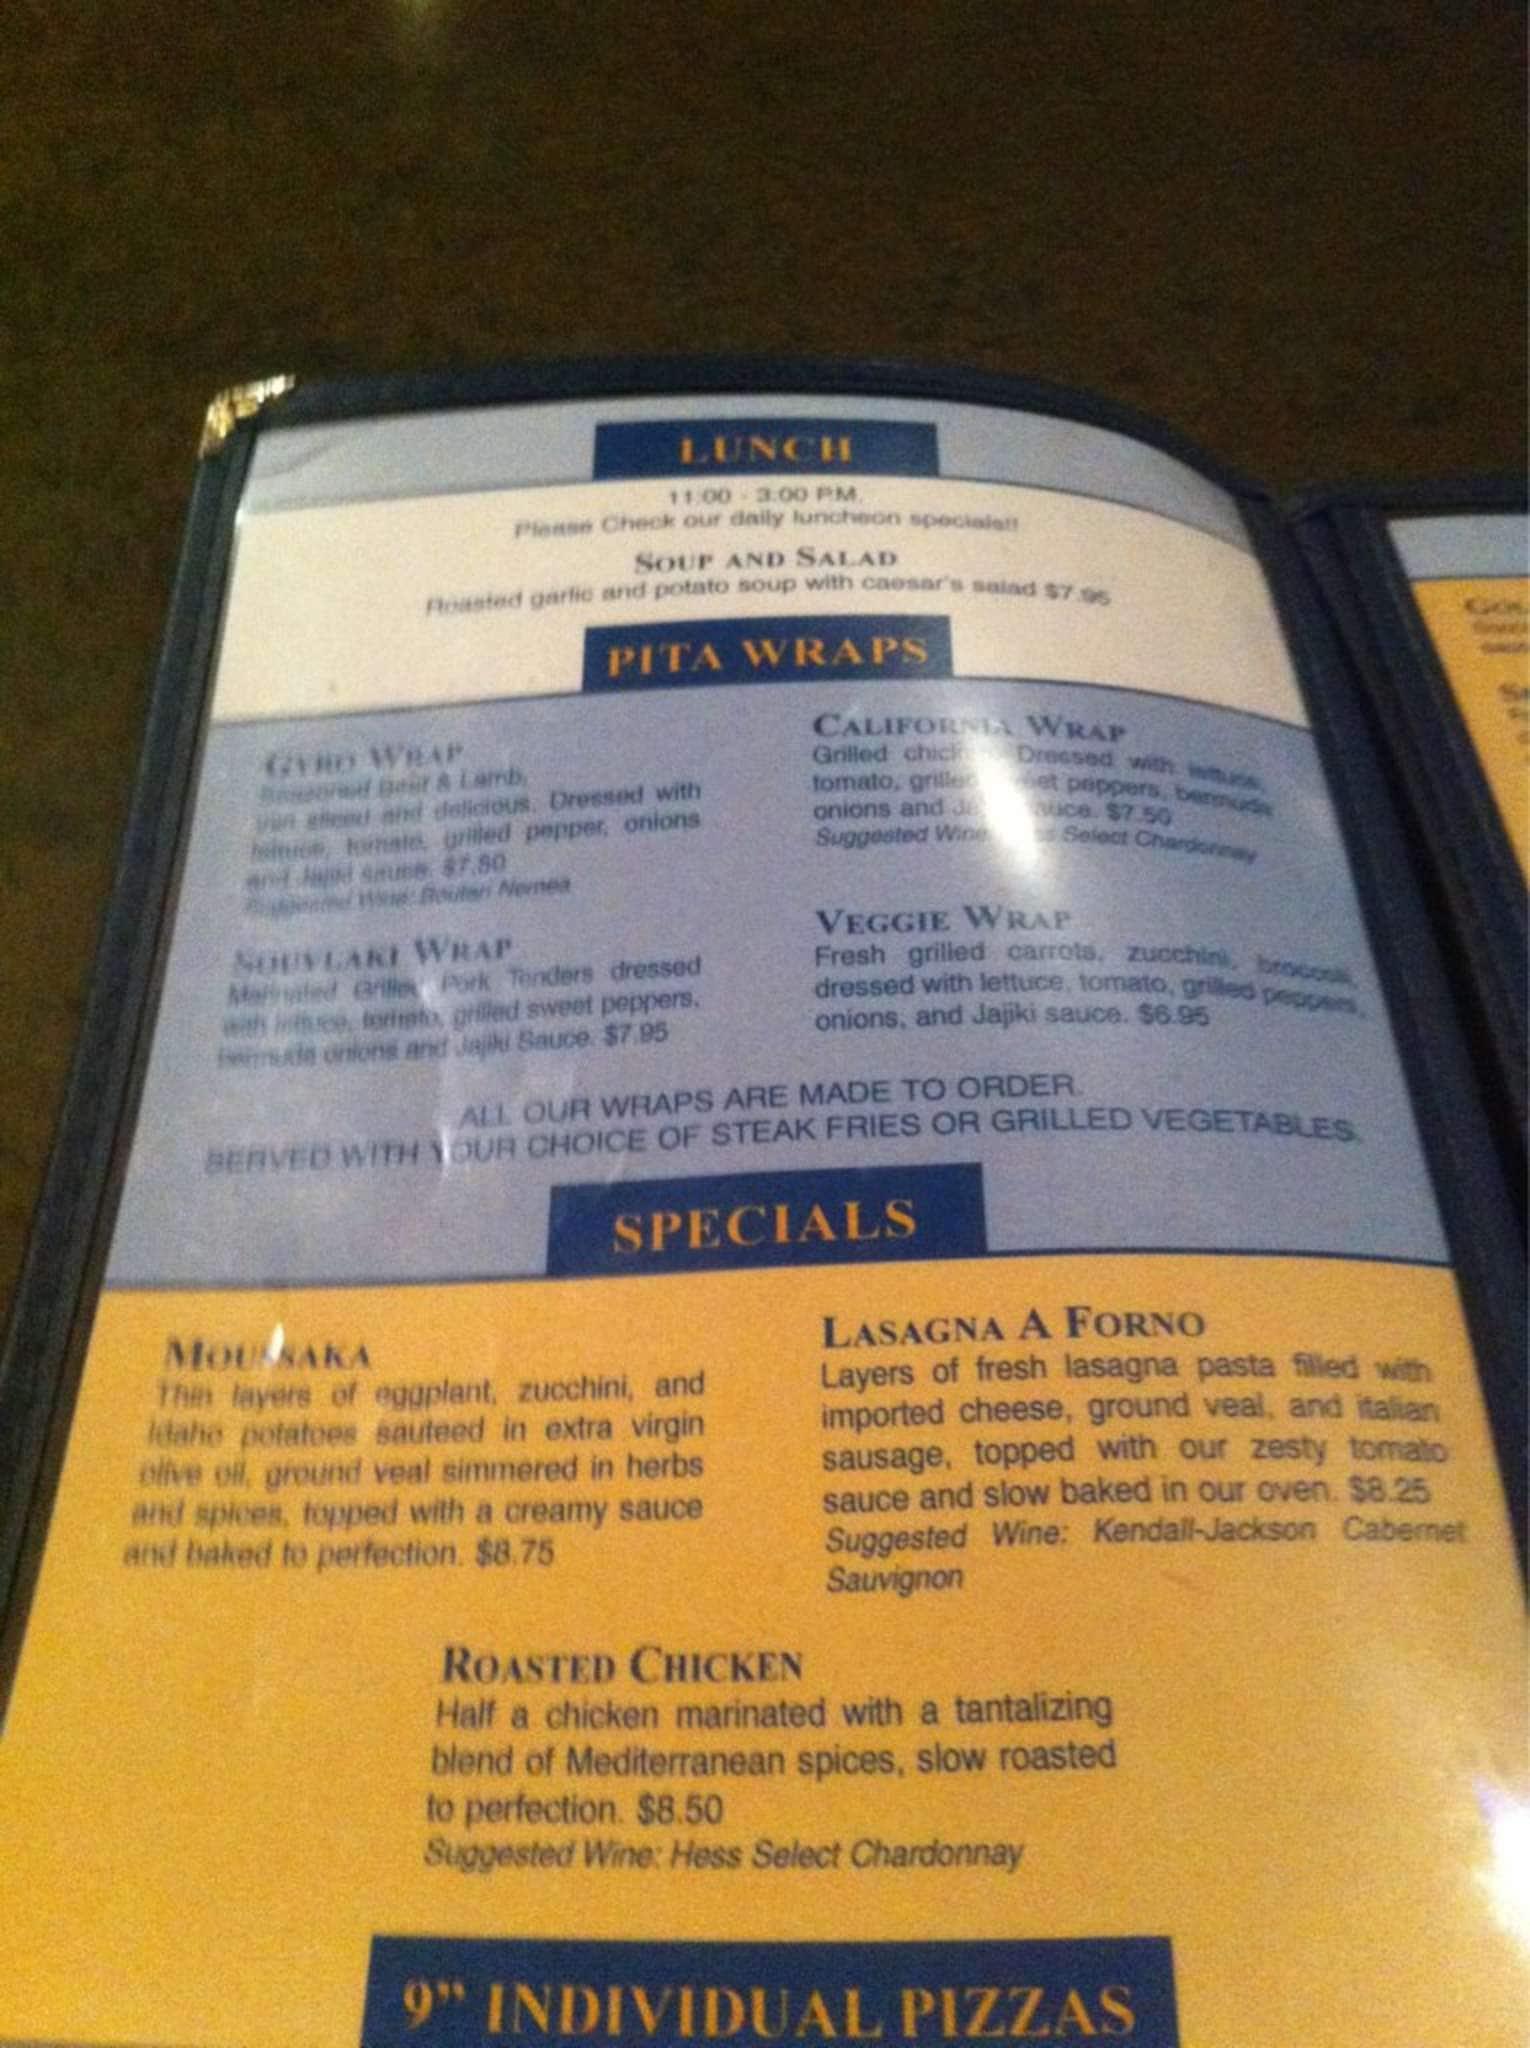 Acropolis cuisine menu menu for acropolis cuisine for Acropolis cuisine metairie